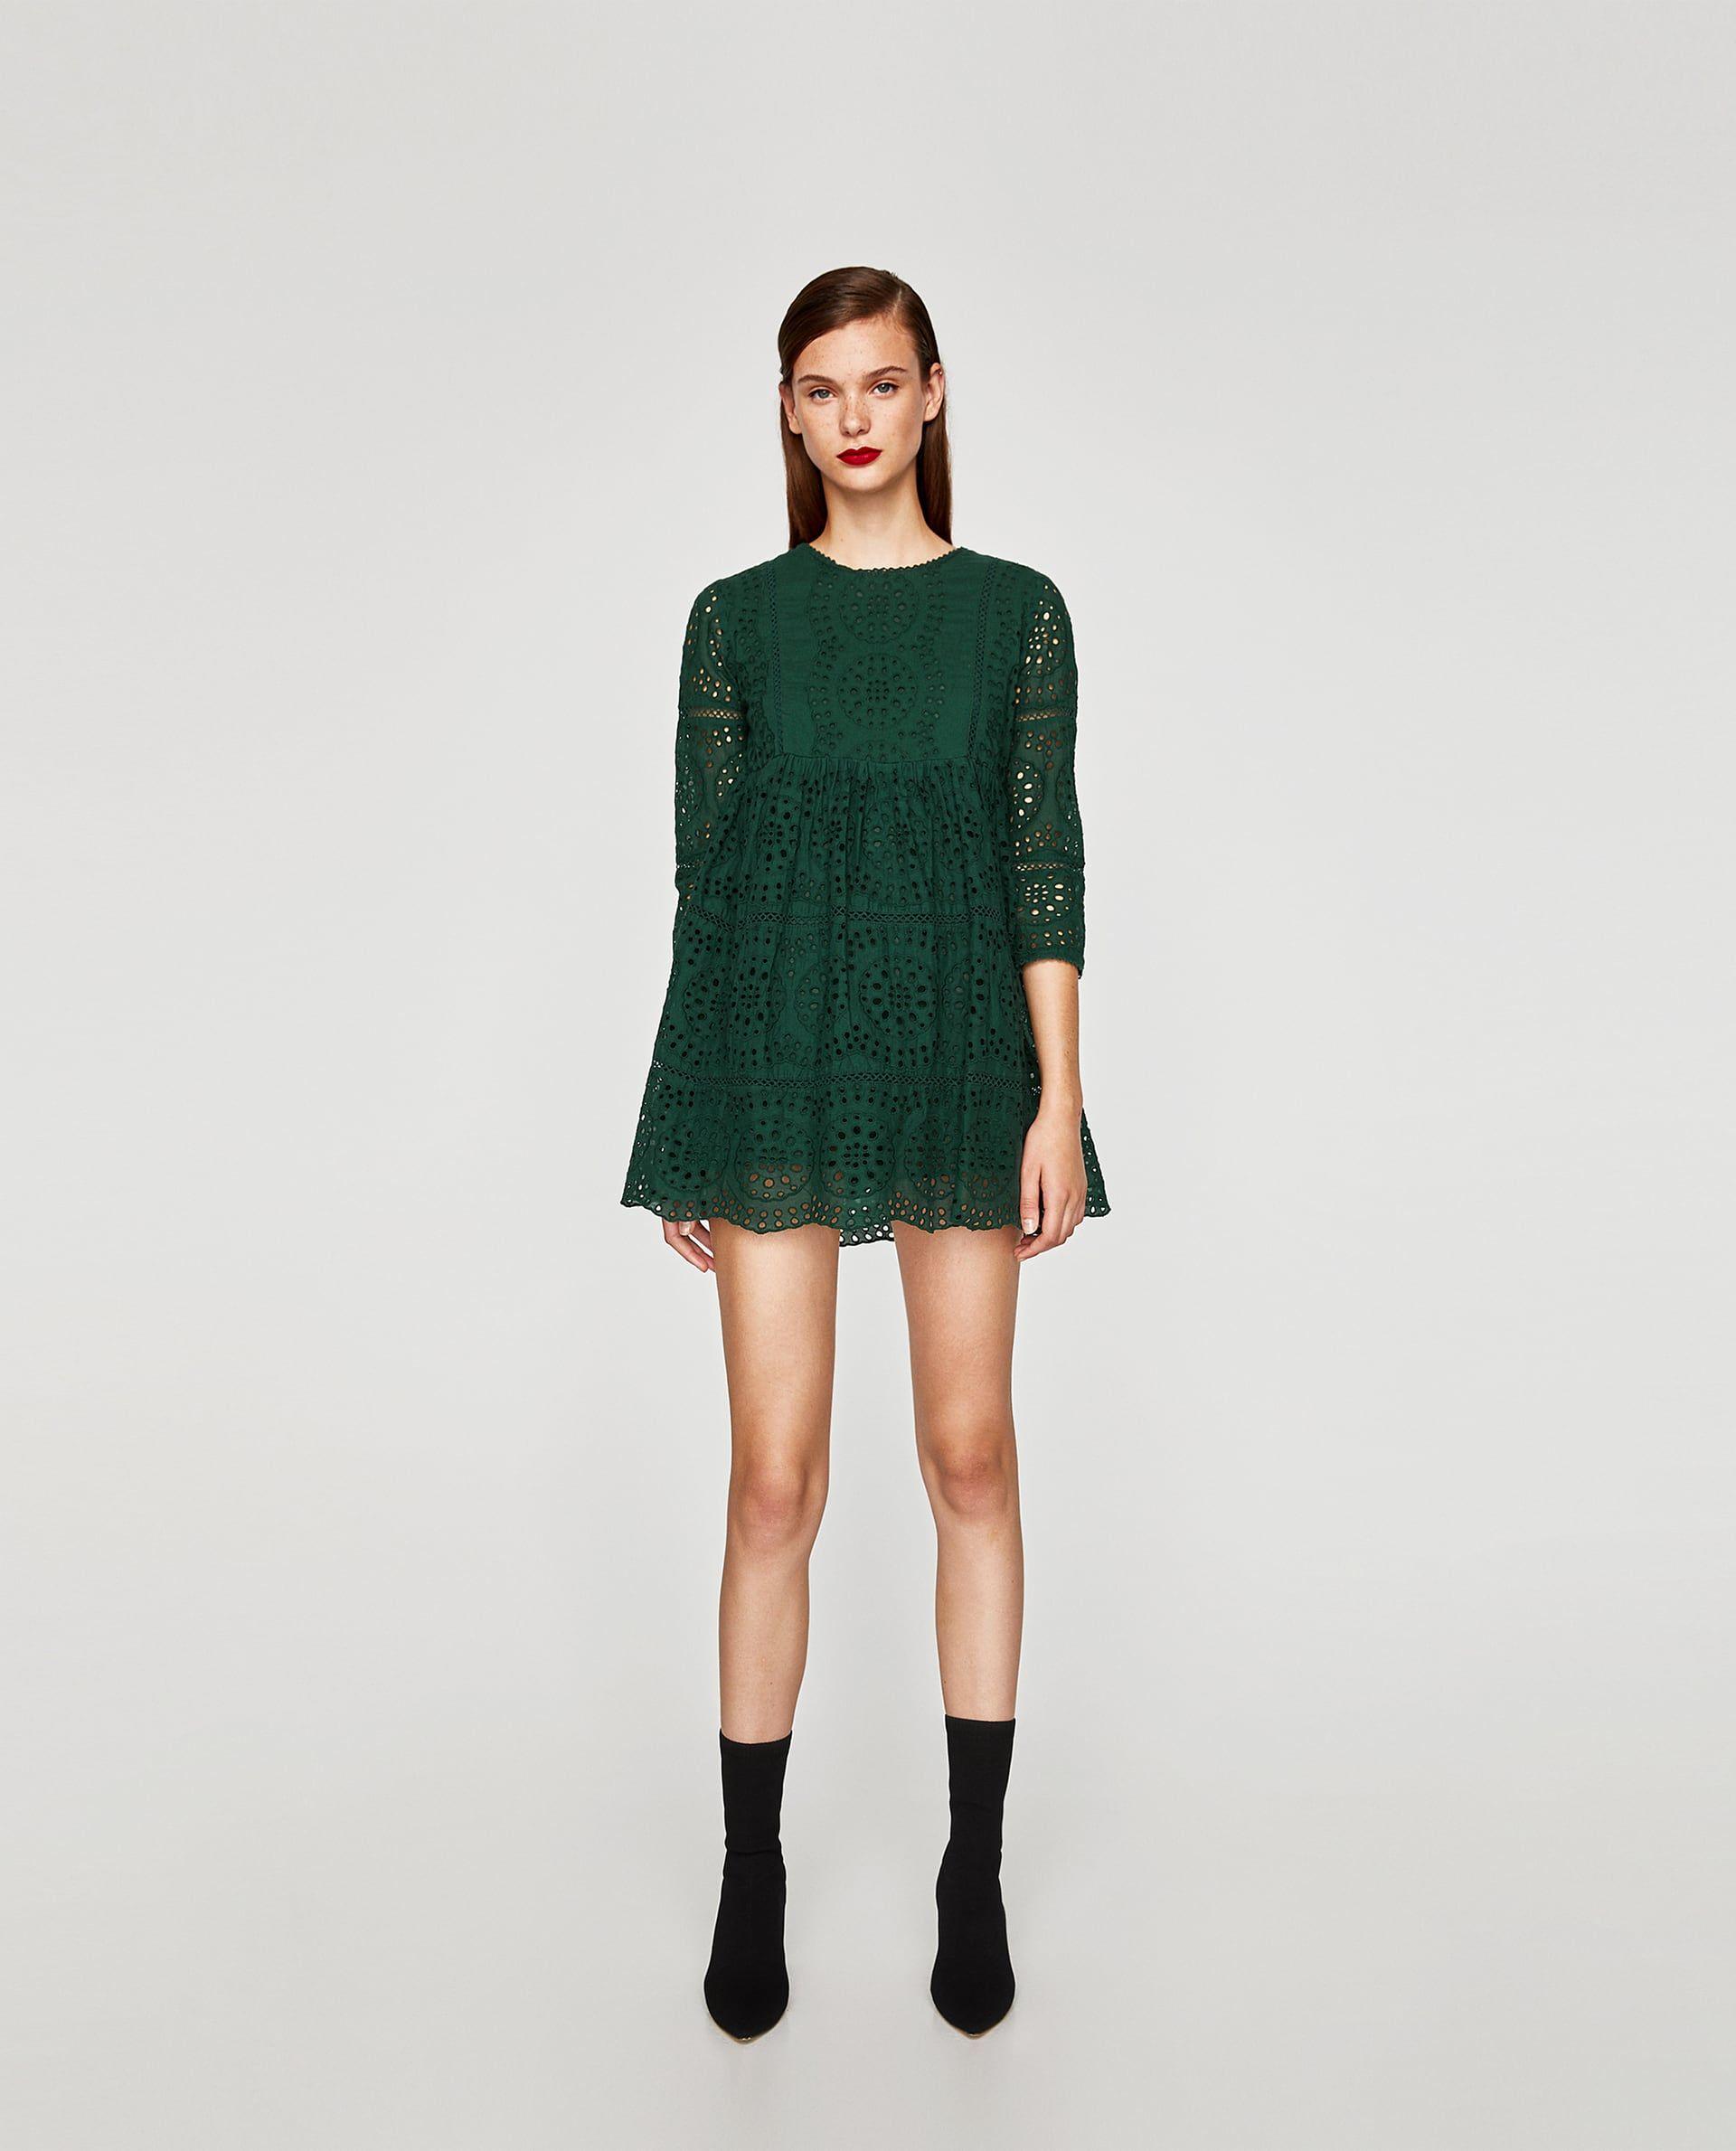 7e3080cc VESTIDO CORTO SCHIFFLY in 2019 | Fashion - Zara SS/FW15 | Green lace ...